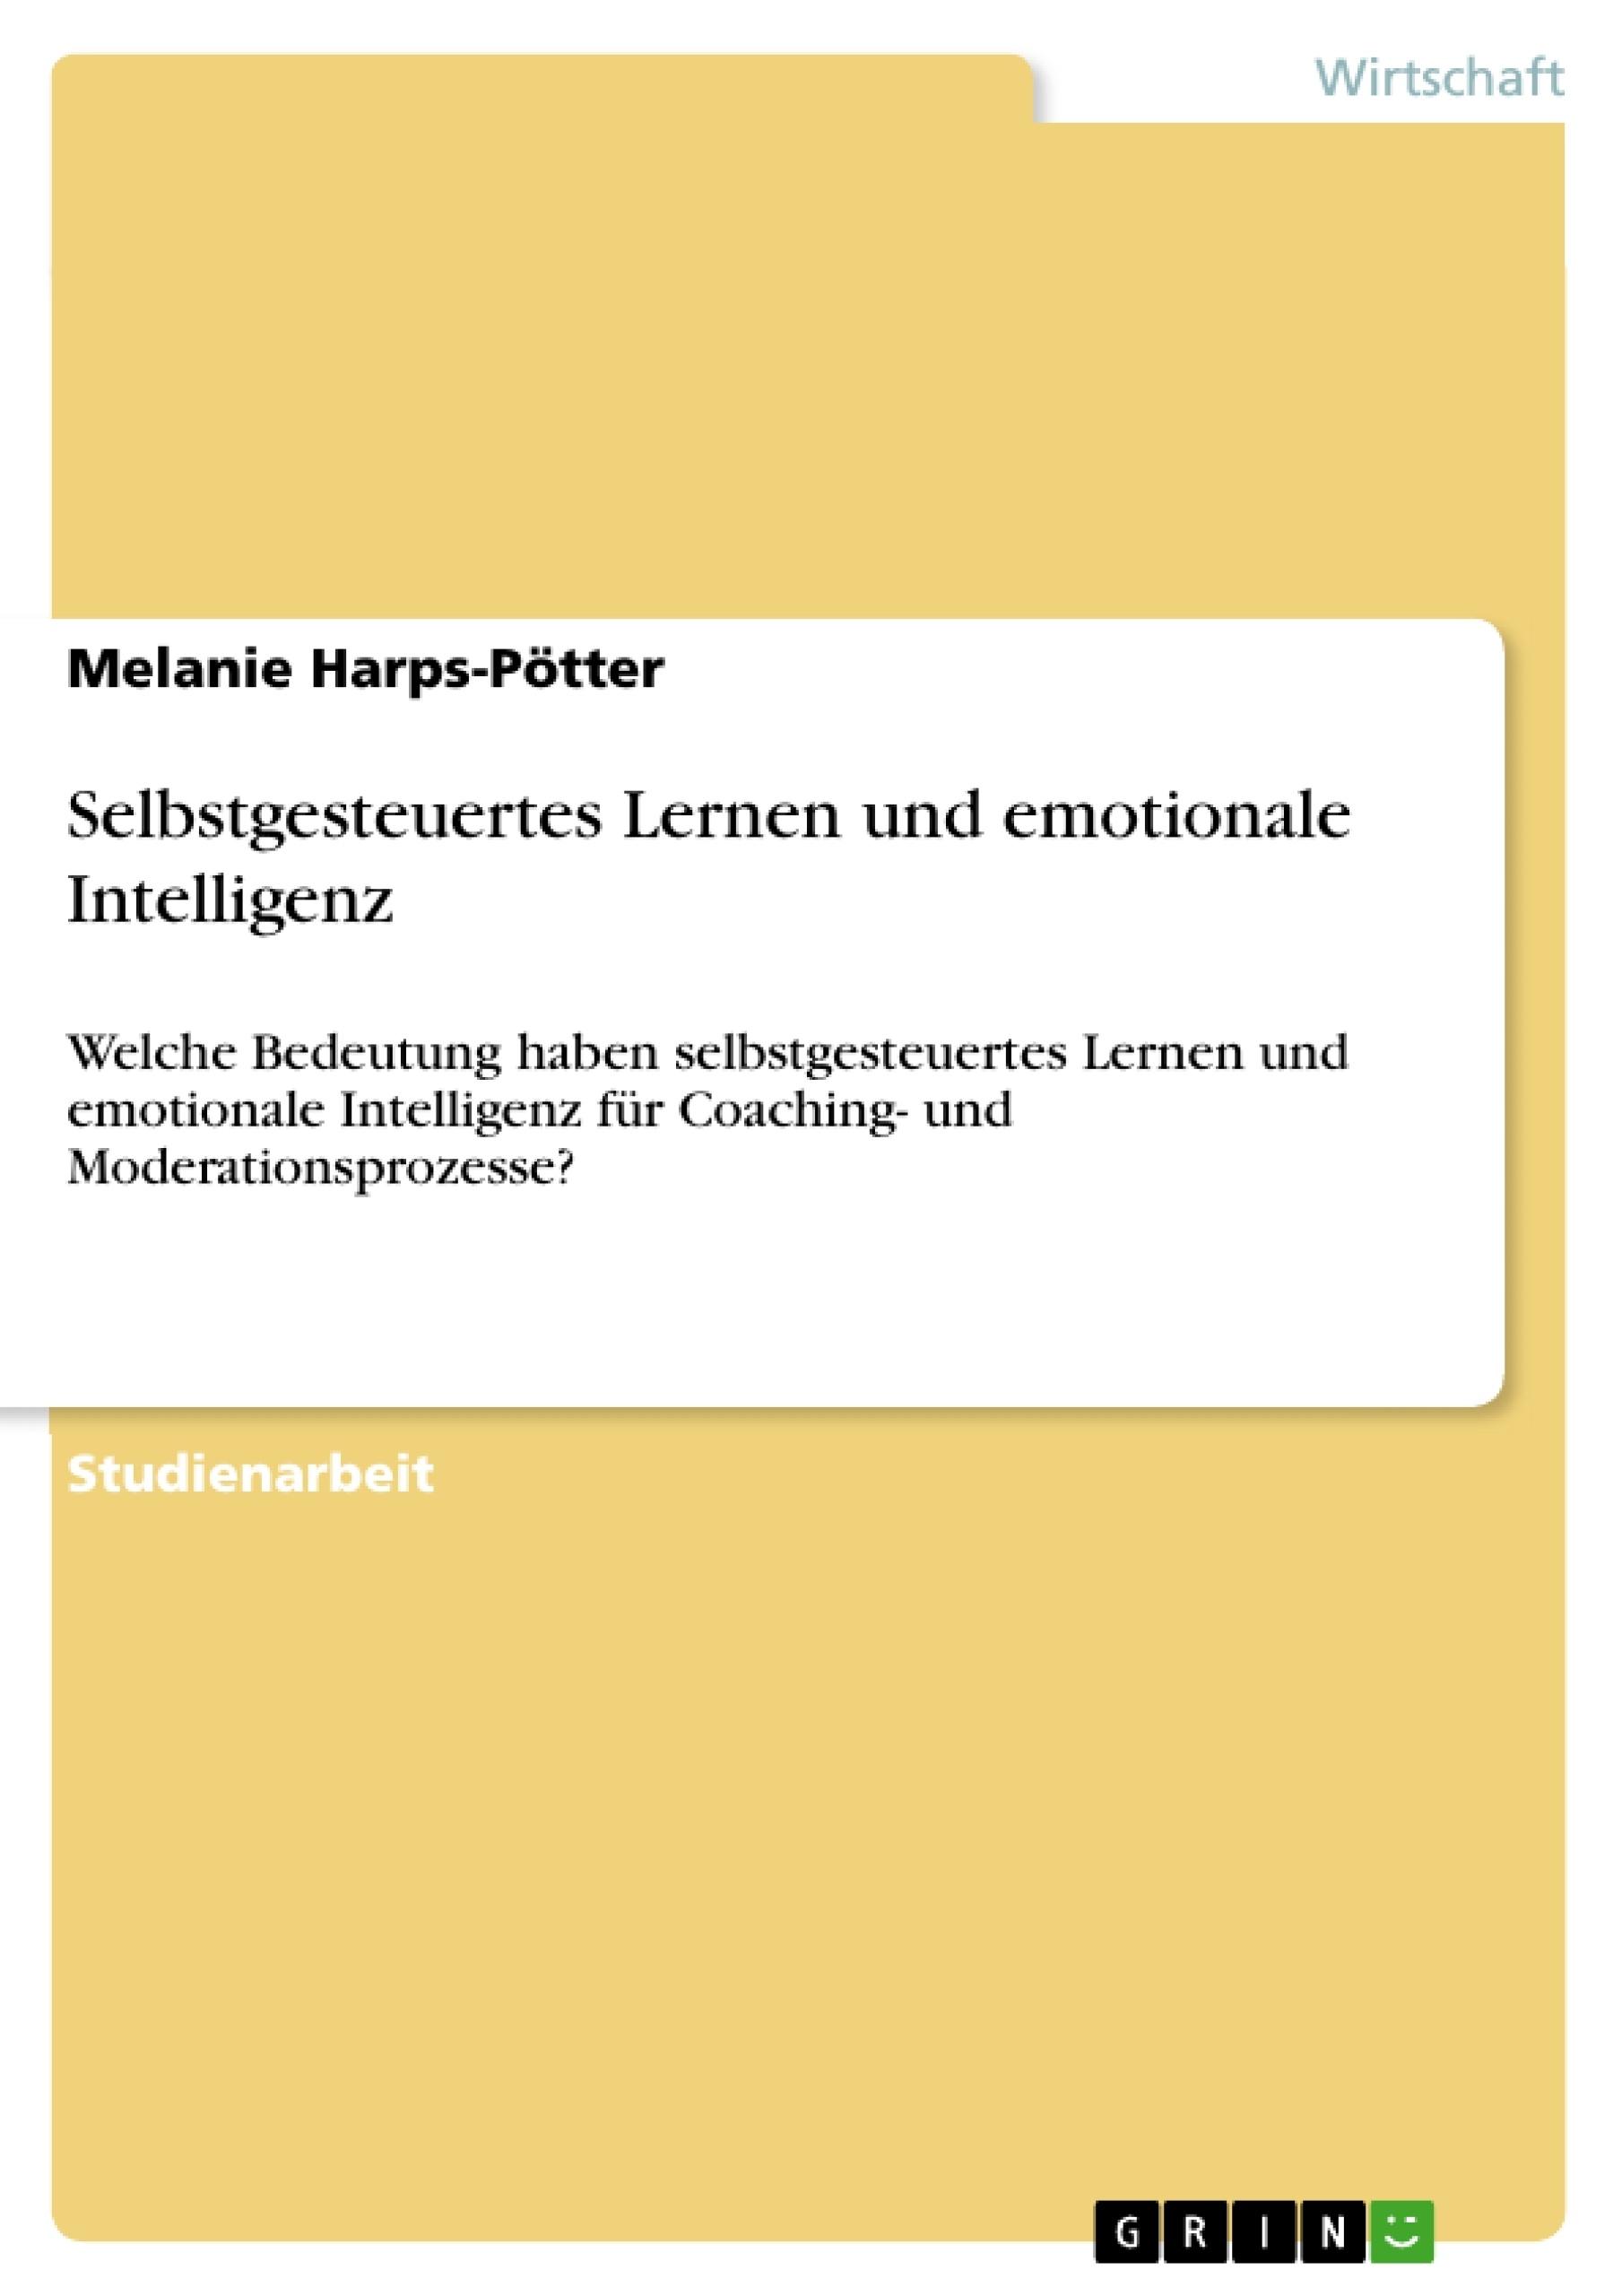 Titel: Selbstgesteuertes Lernen und emotionale Intelligenz